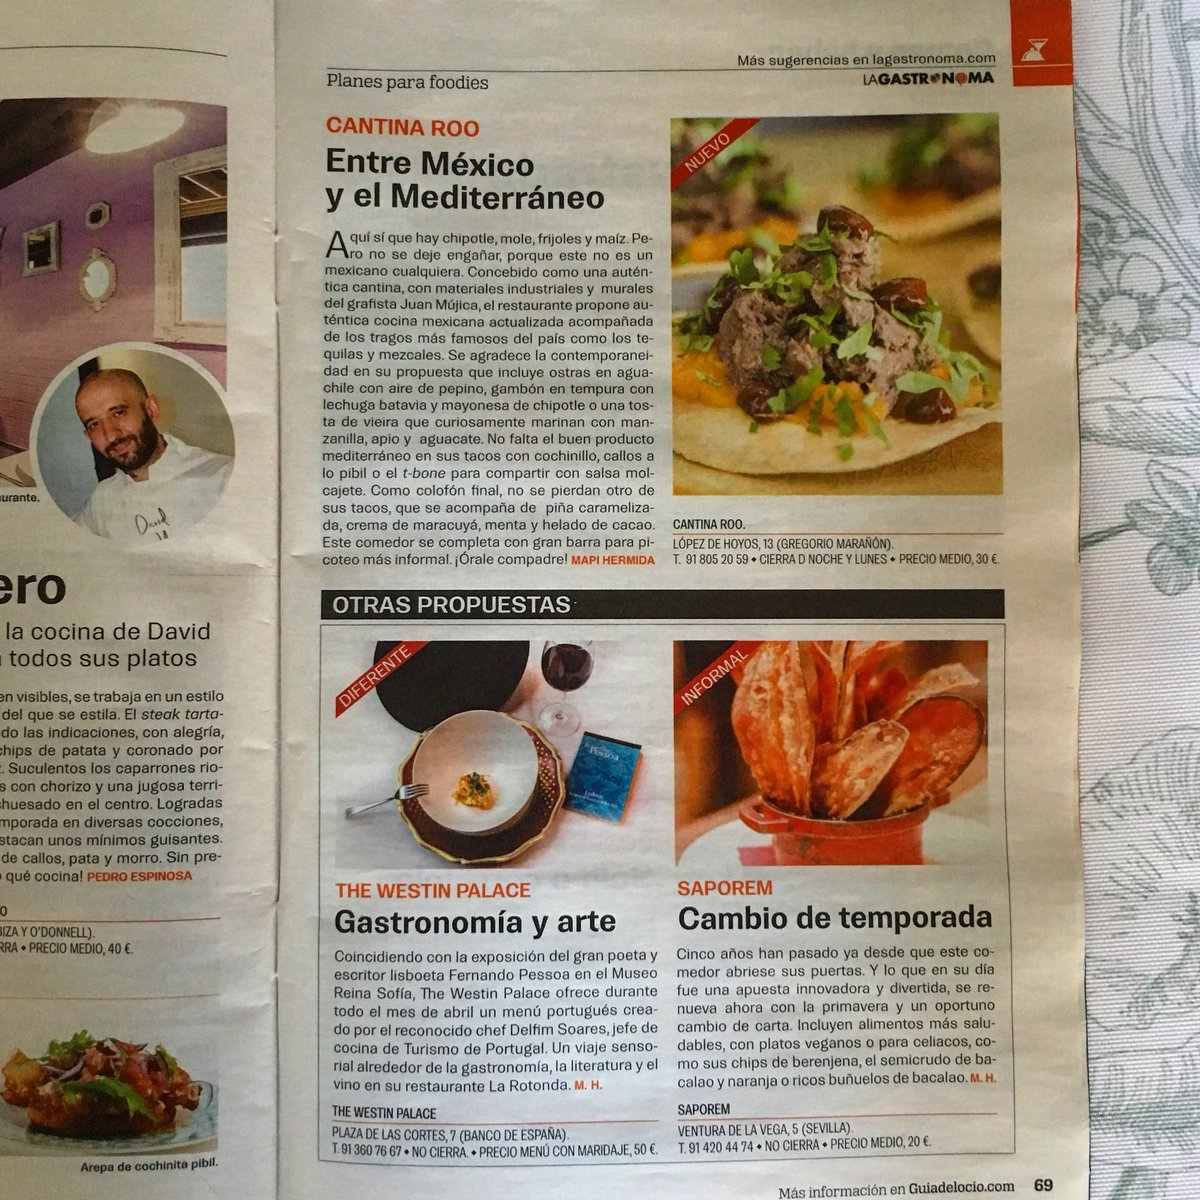 Encantador Costo Promedio De Cambio De Imagen Cocina Uk Viñeta ...